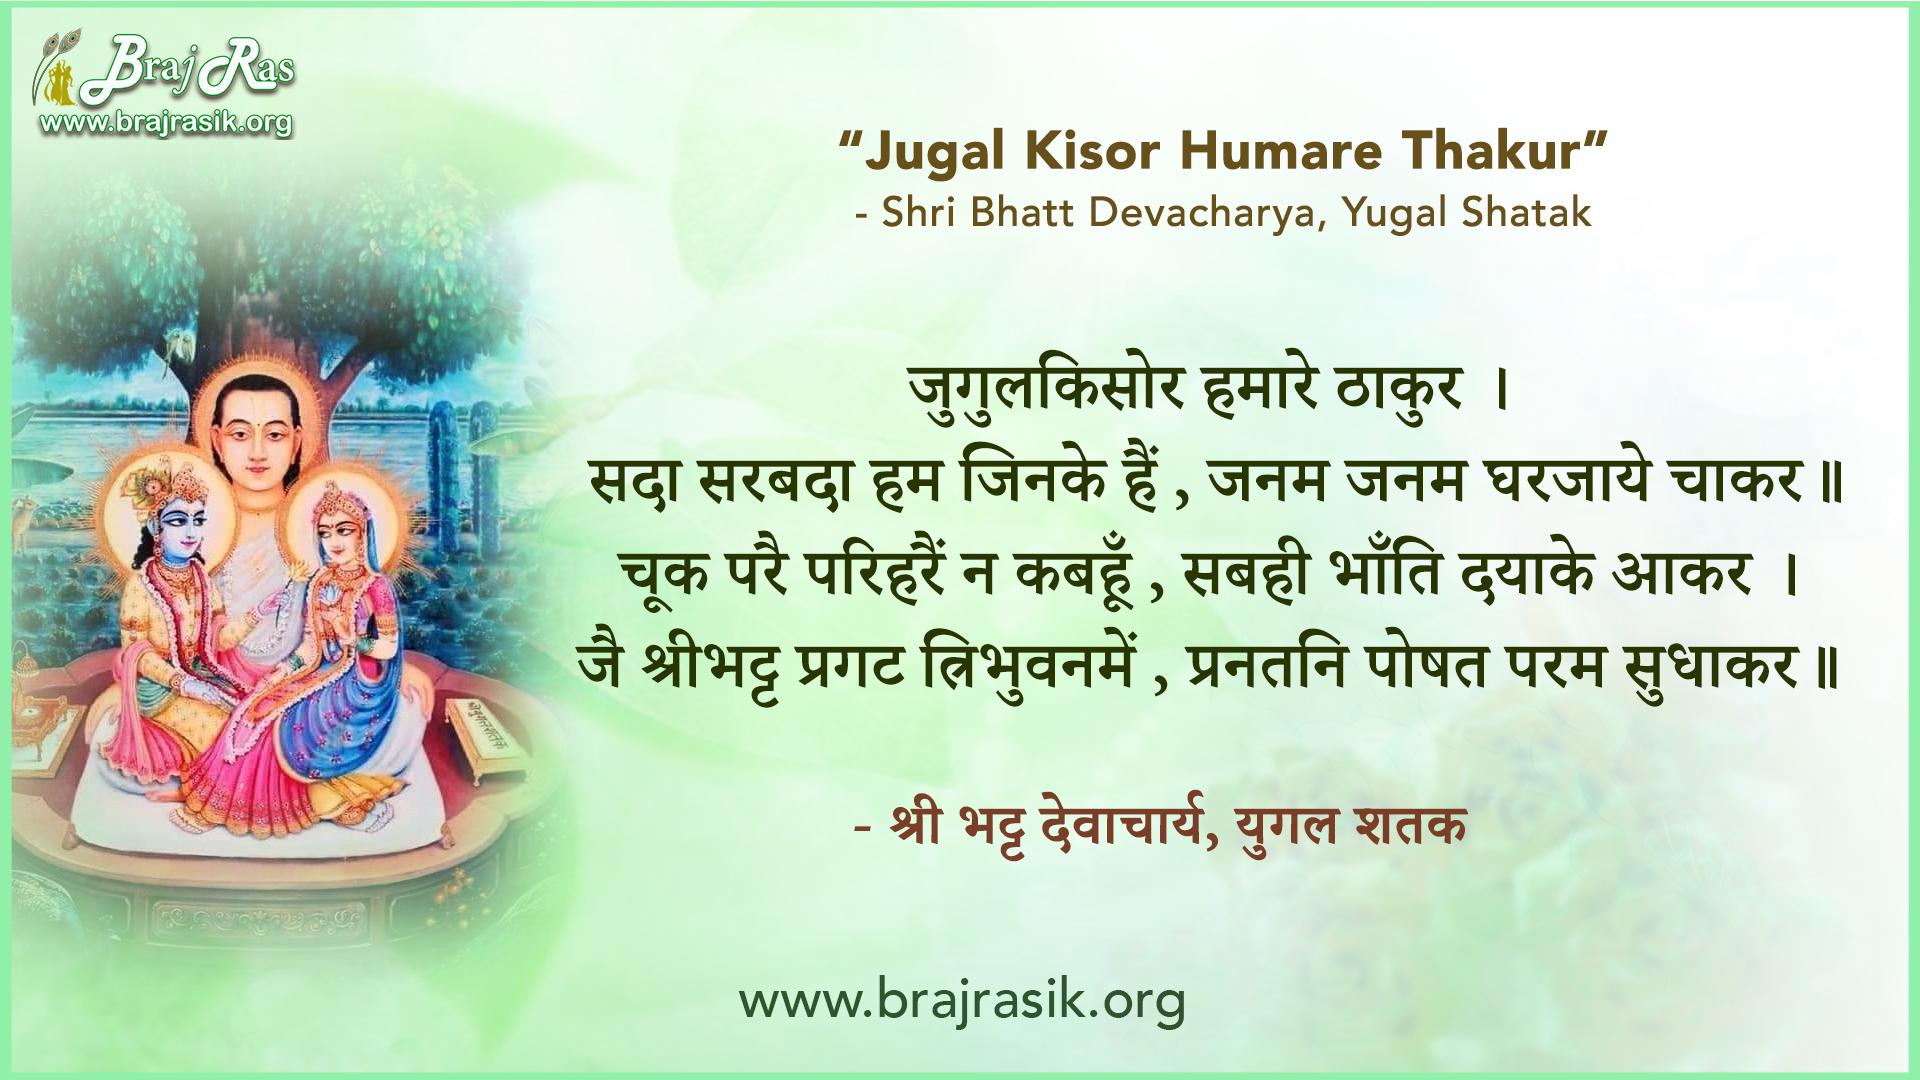 Yugal Kisor Humare Thakur - Shri Bhatt Devacharya, Yugal Shatak